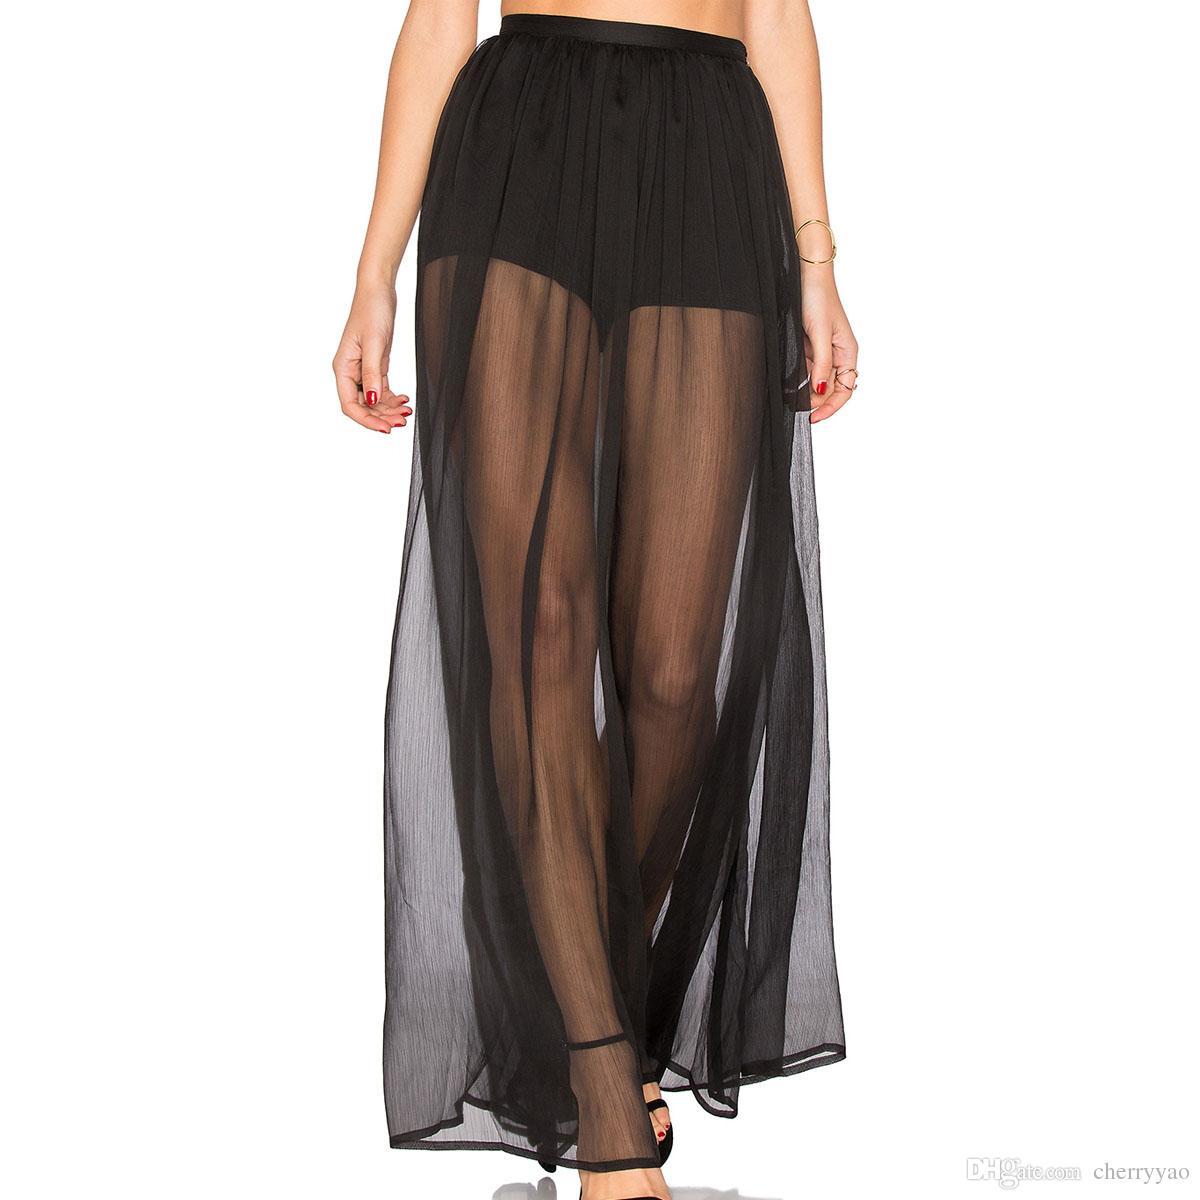 0beab583f3 Compre Mujeres Negro Tulle Transparente Maxi Faldas Largas Cintura Elástica  De Diseño De Alta Cintura 2017 Playa De Verano A La Túnica De La Ropa Jupe  Jupe ...